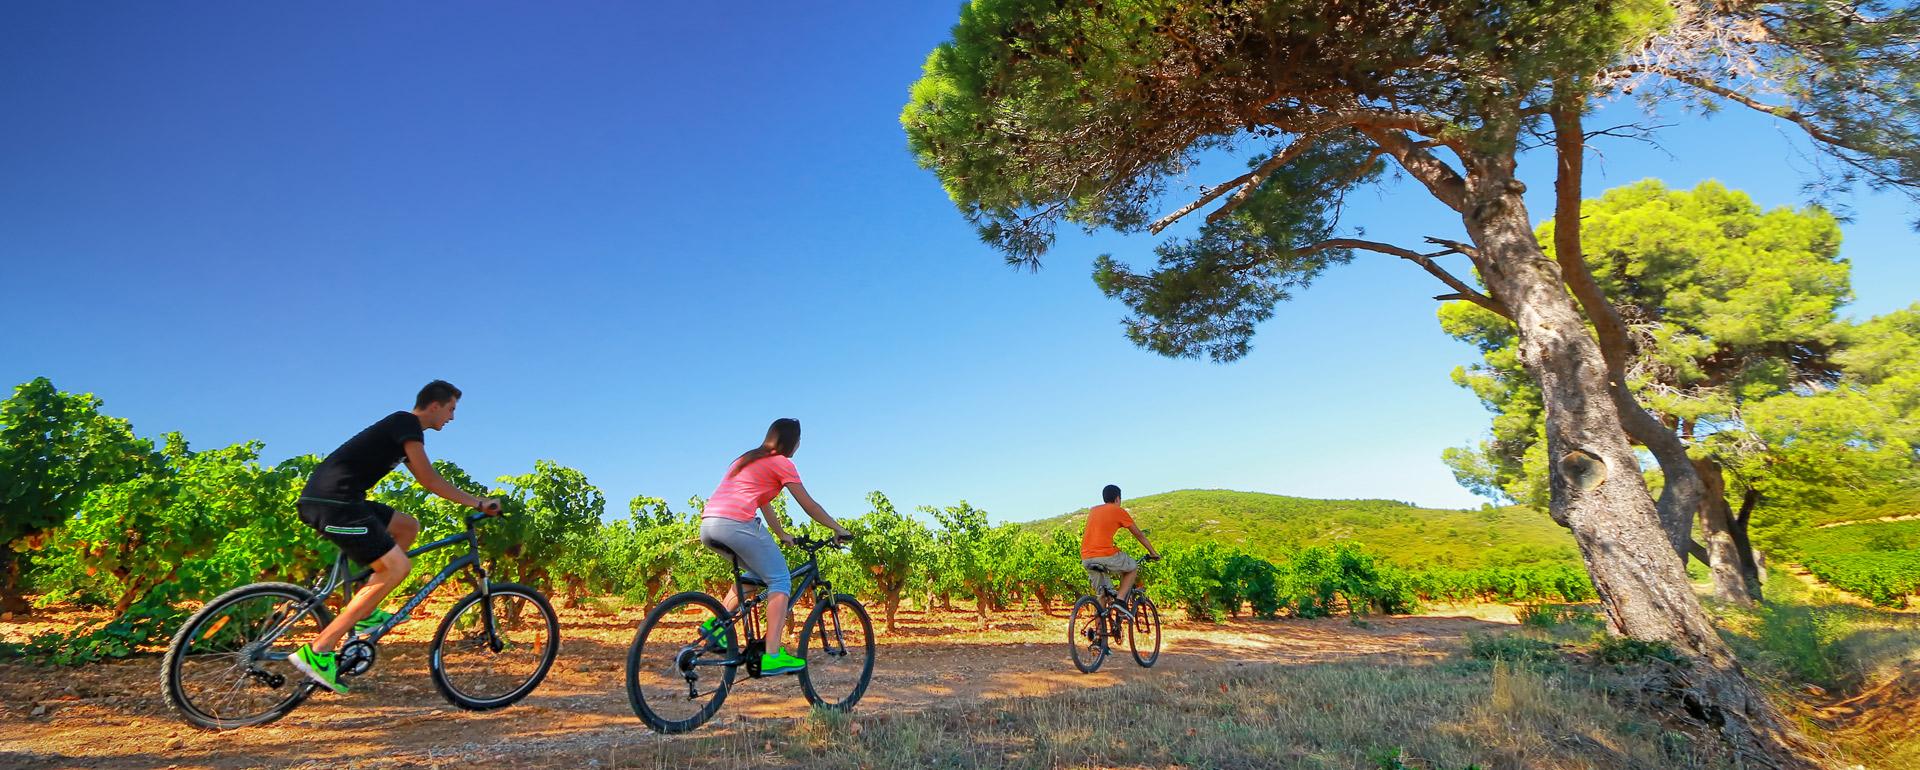 Vignoble du Roussillon - G.Deschamps / CRT Occitanie